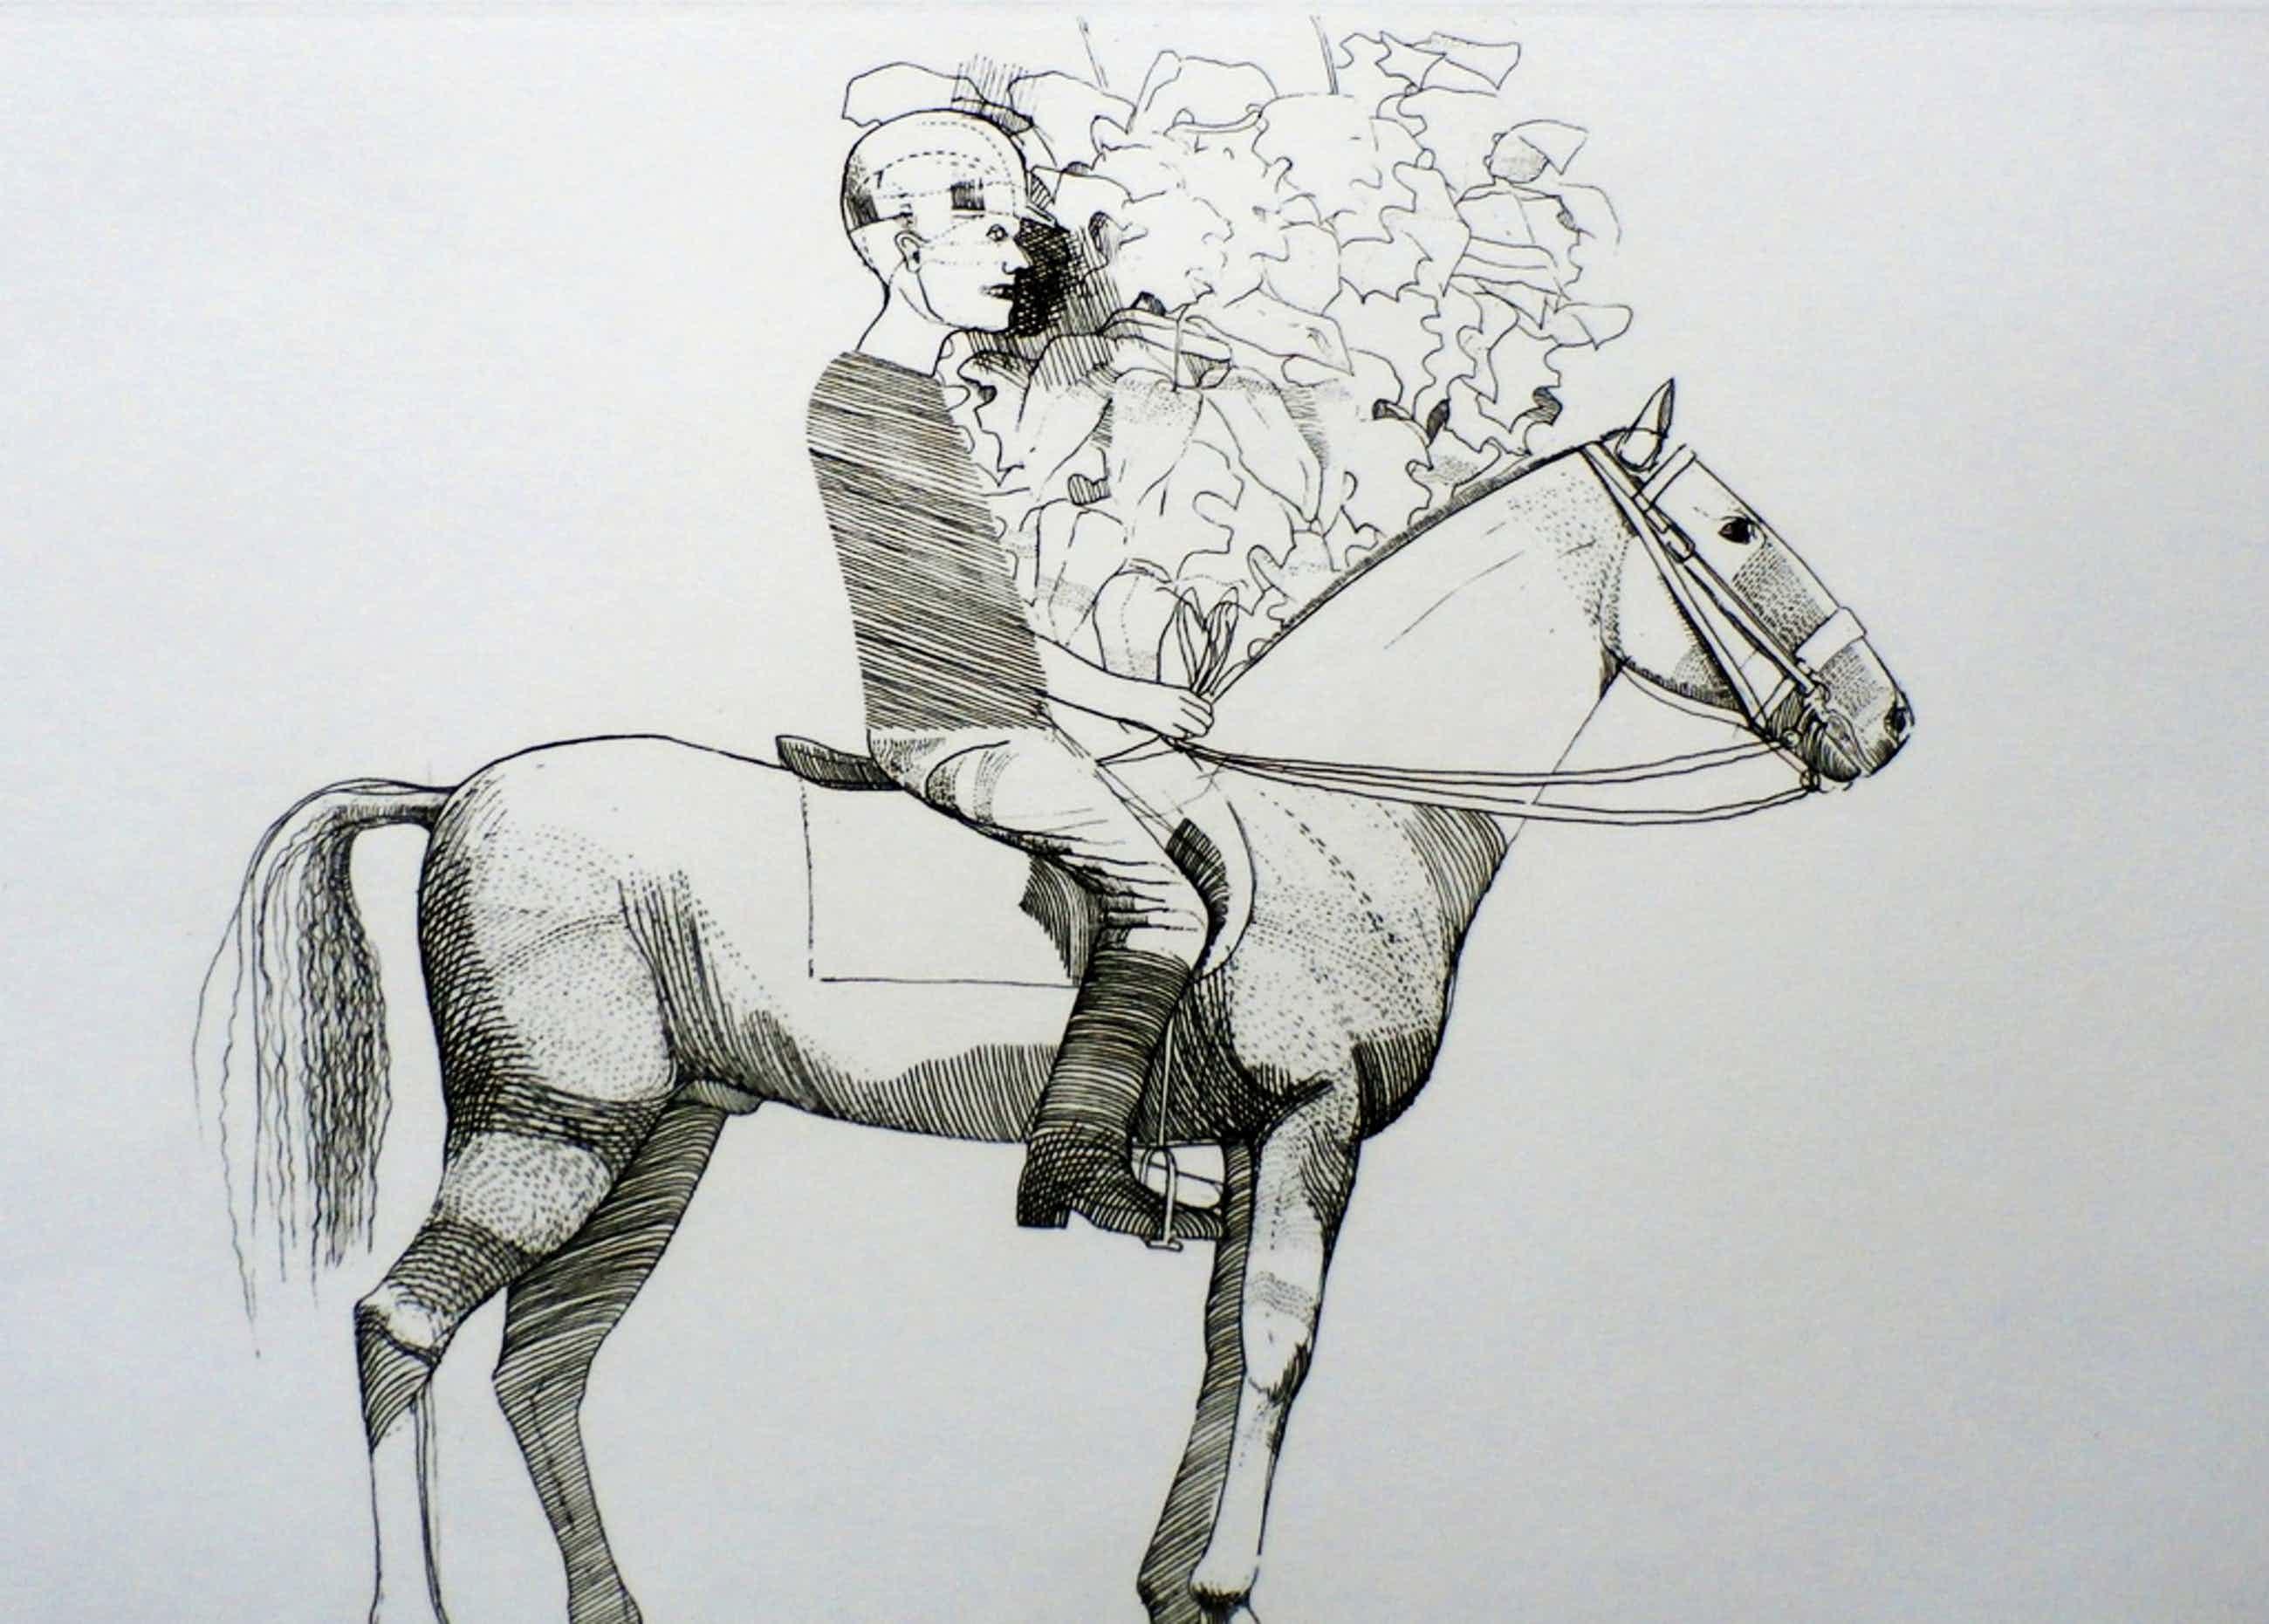 Aat verhoog - ets: ruiter op paard - 1971 kopen? Bied vanaf 50!